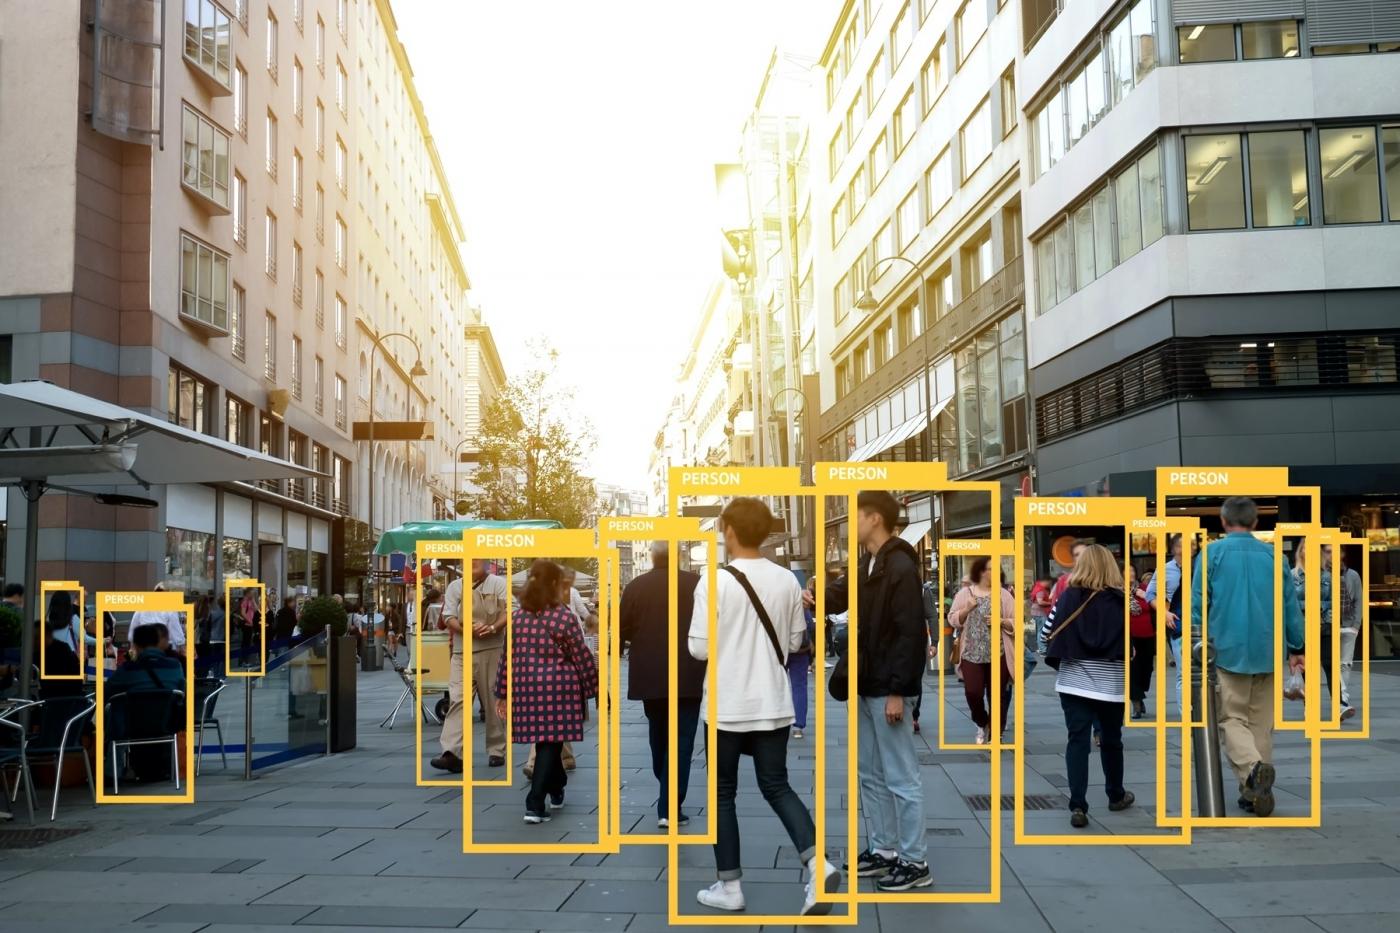 訓練AI模型,要多少數據?拆解企業人工智慧專案為何難落地